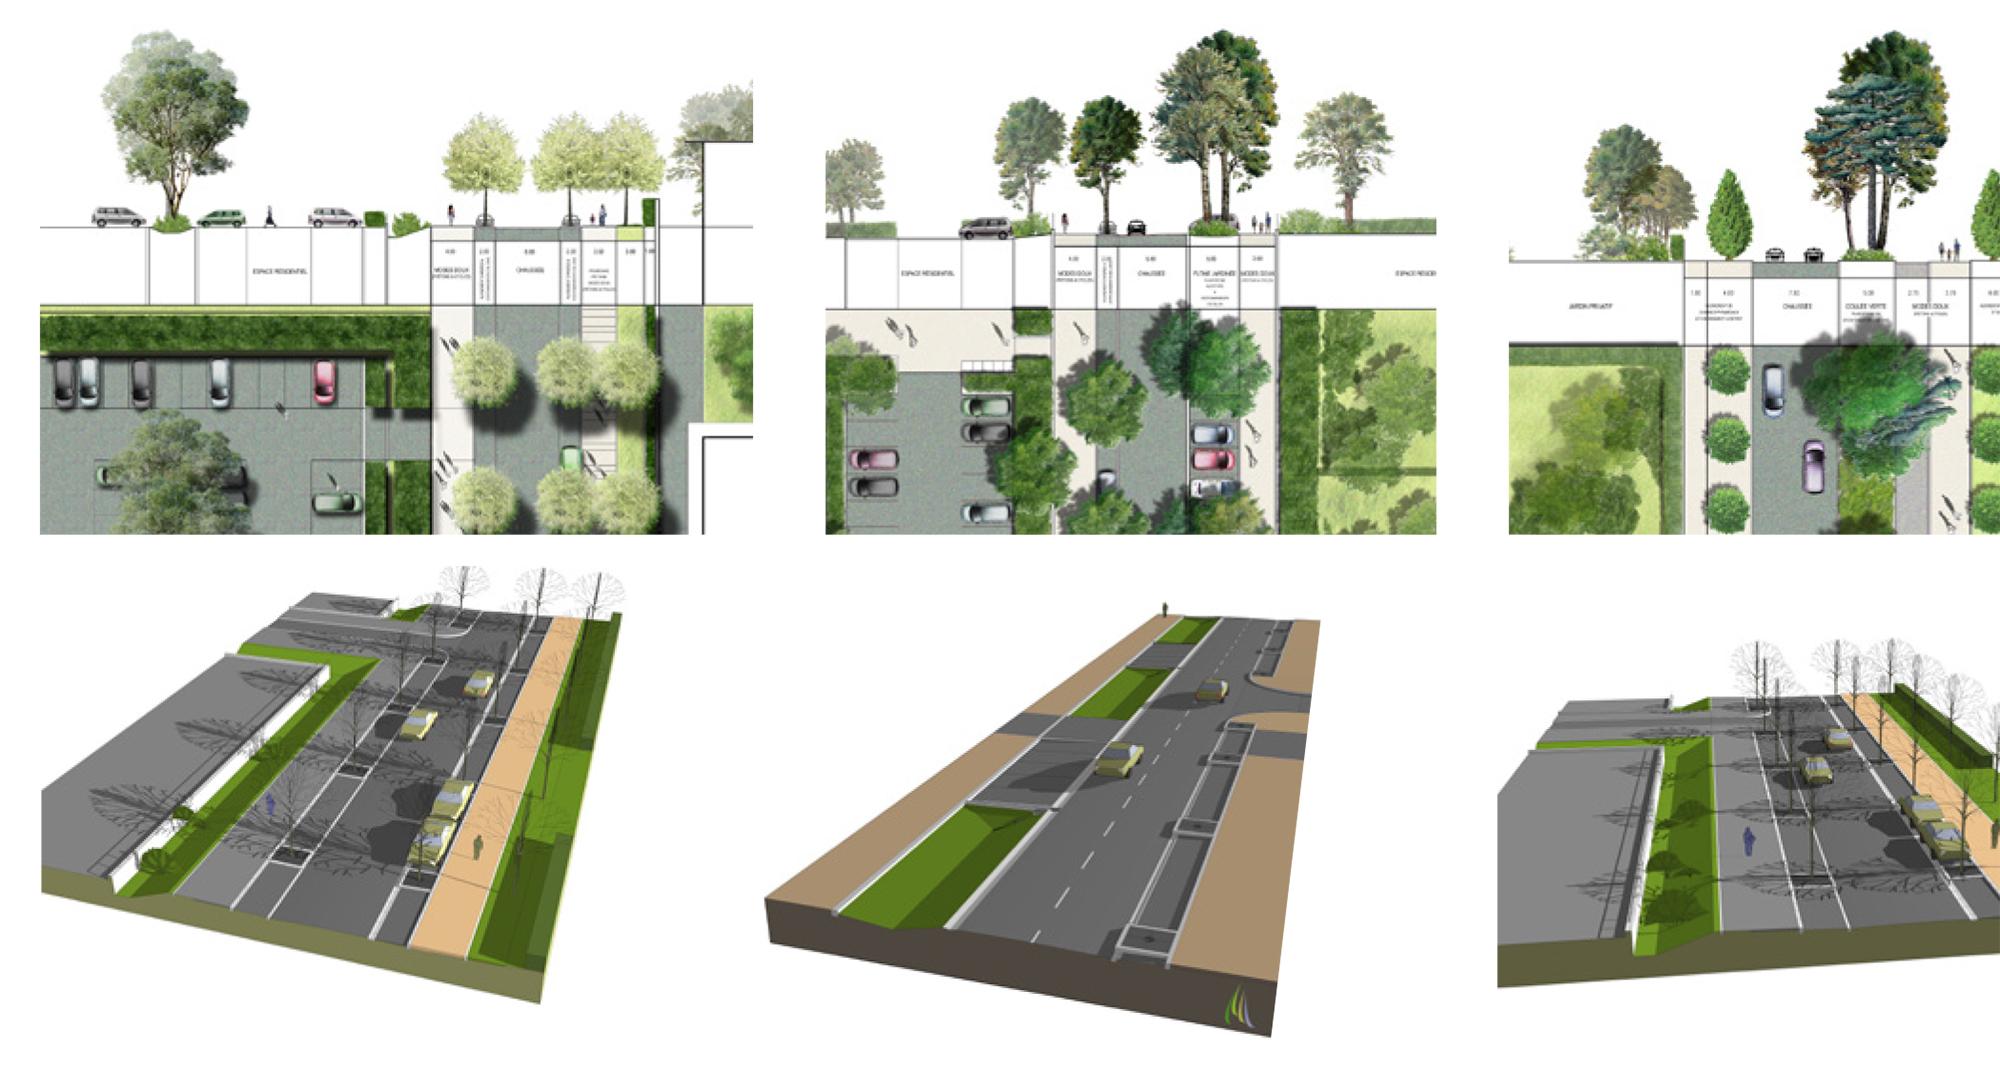 Coupes, plans et bloc 3D sur les avenues principales du quartier